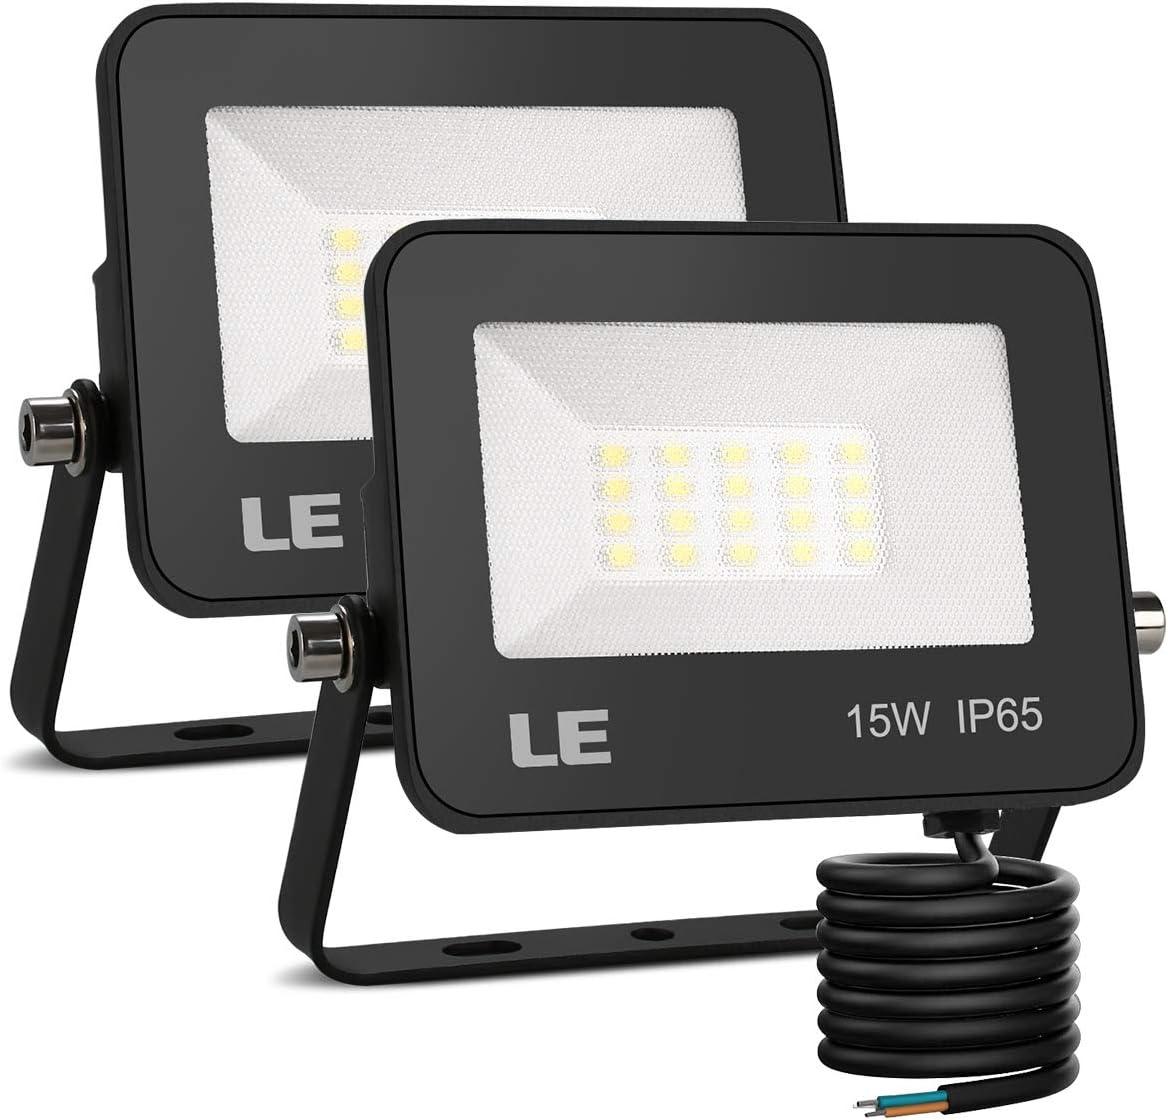 LE Foco LED de 15W, 1500 lúmenes, IP65 resistente al agua, Foco LED Exterior, Blanco Frío 5000 K, Ángulo de haz 120°, Foco Proyector LED para Jardín, Garaje, Hotel, Patio, etc. Paquete de 2